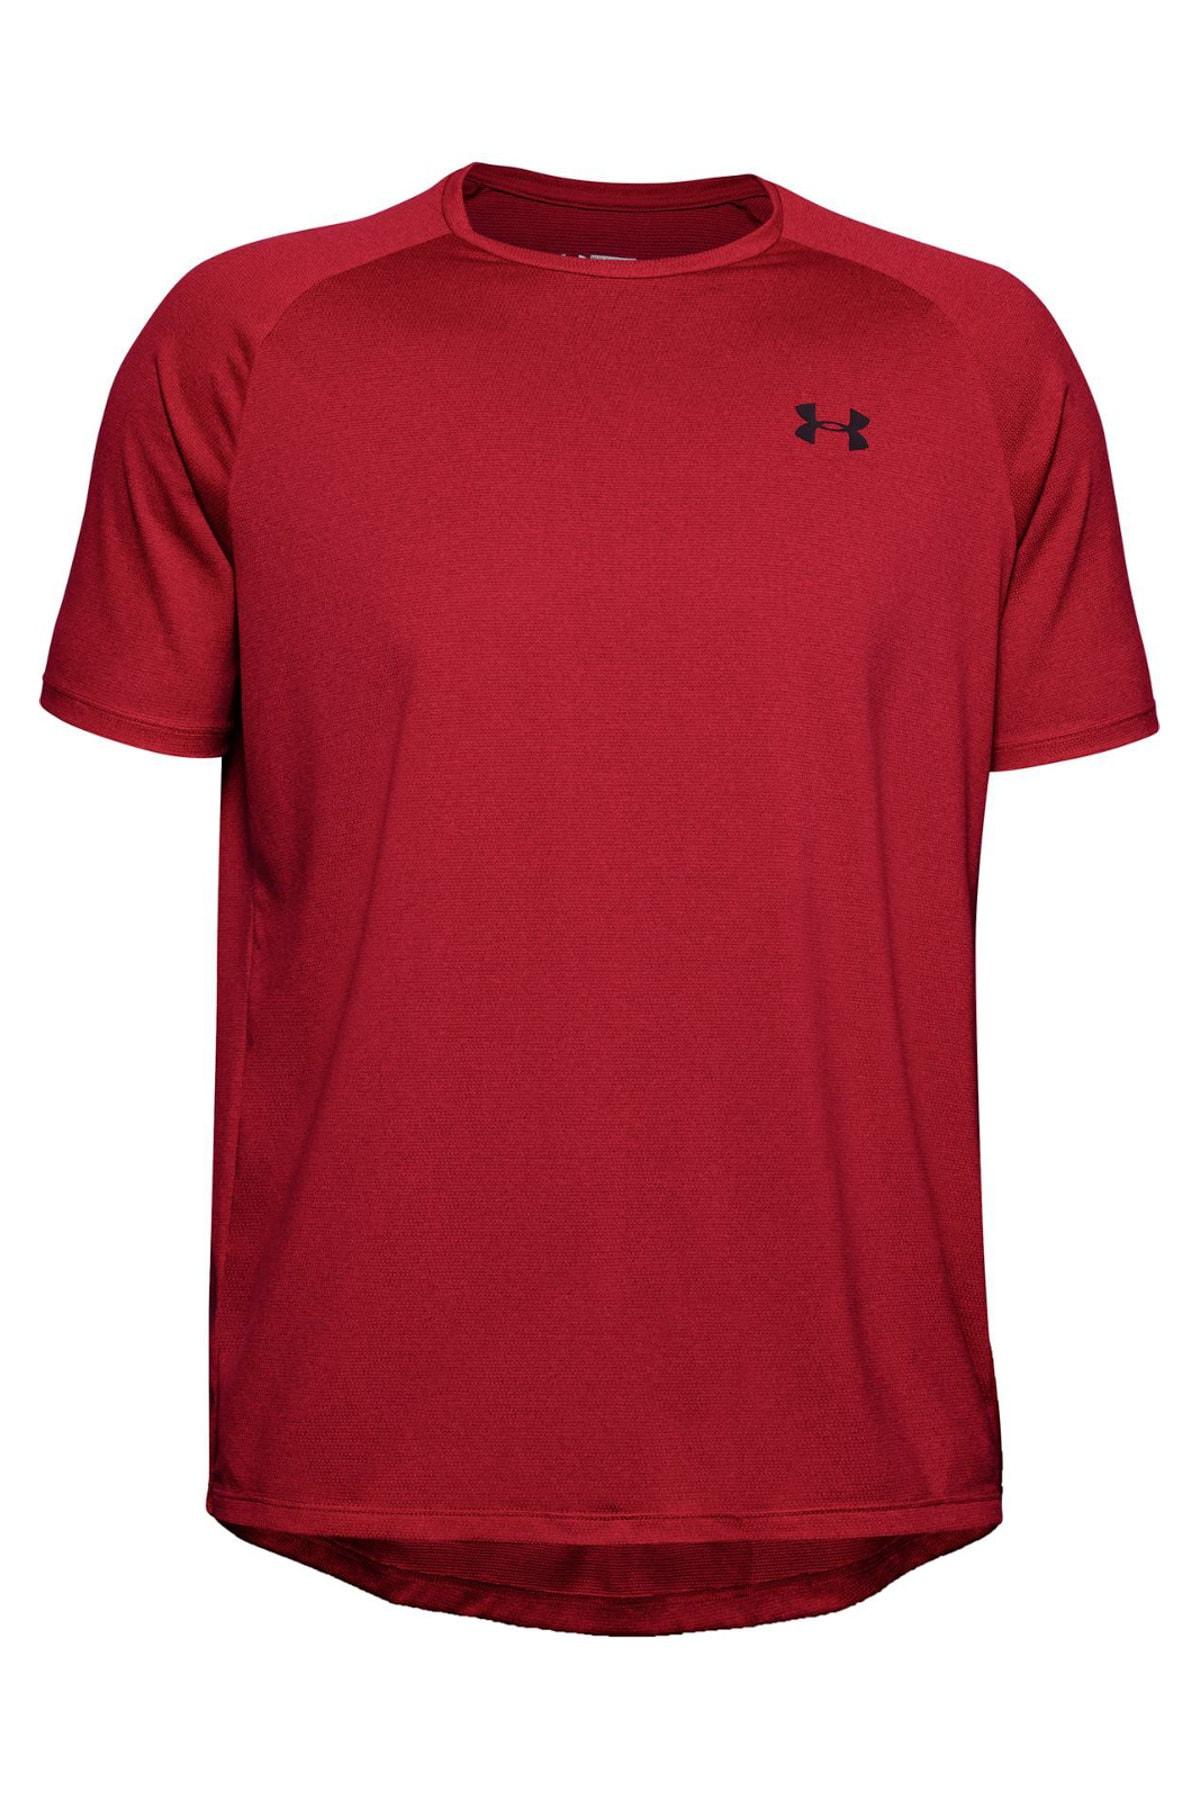 Under Armour Erkek Spor T-Shirt - UA Tech 2.0 SS Tee Novelty - 1345317-600 1